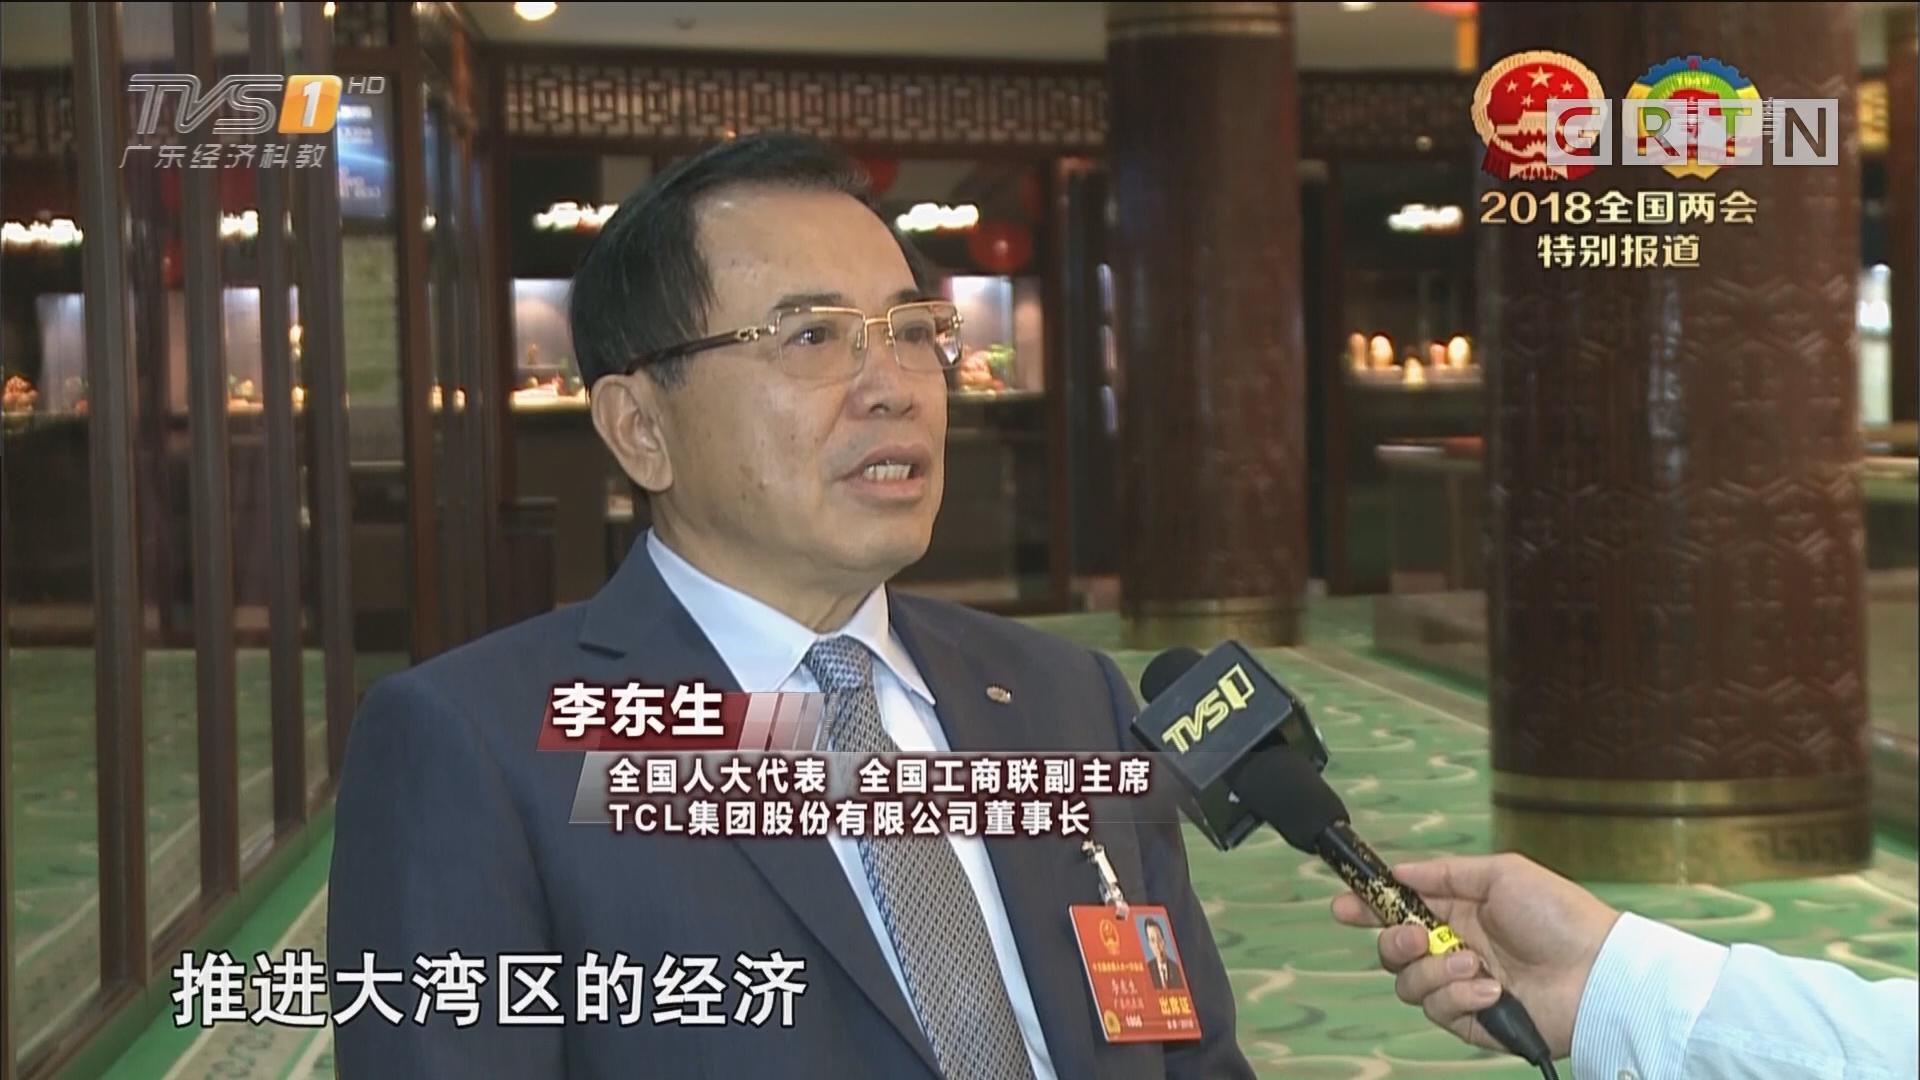 对话全国人大代表李东生:技术创新支持中国企业走到世界产业舞台的中央